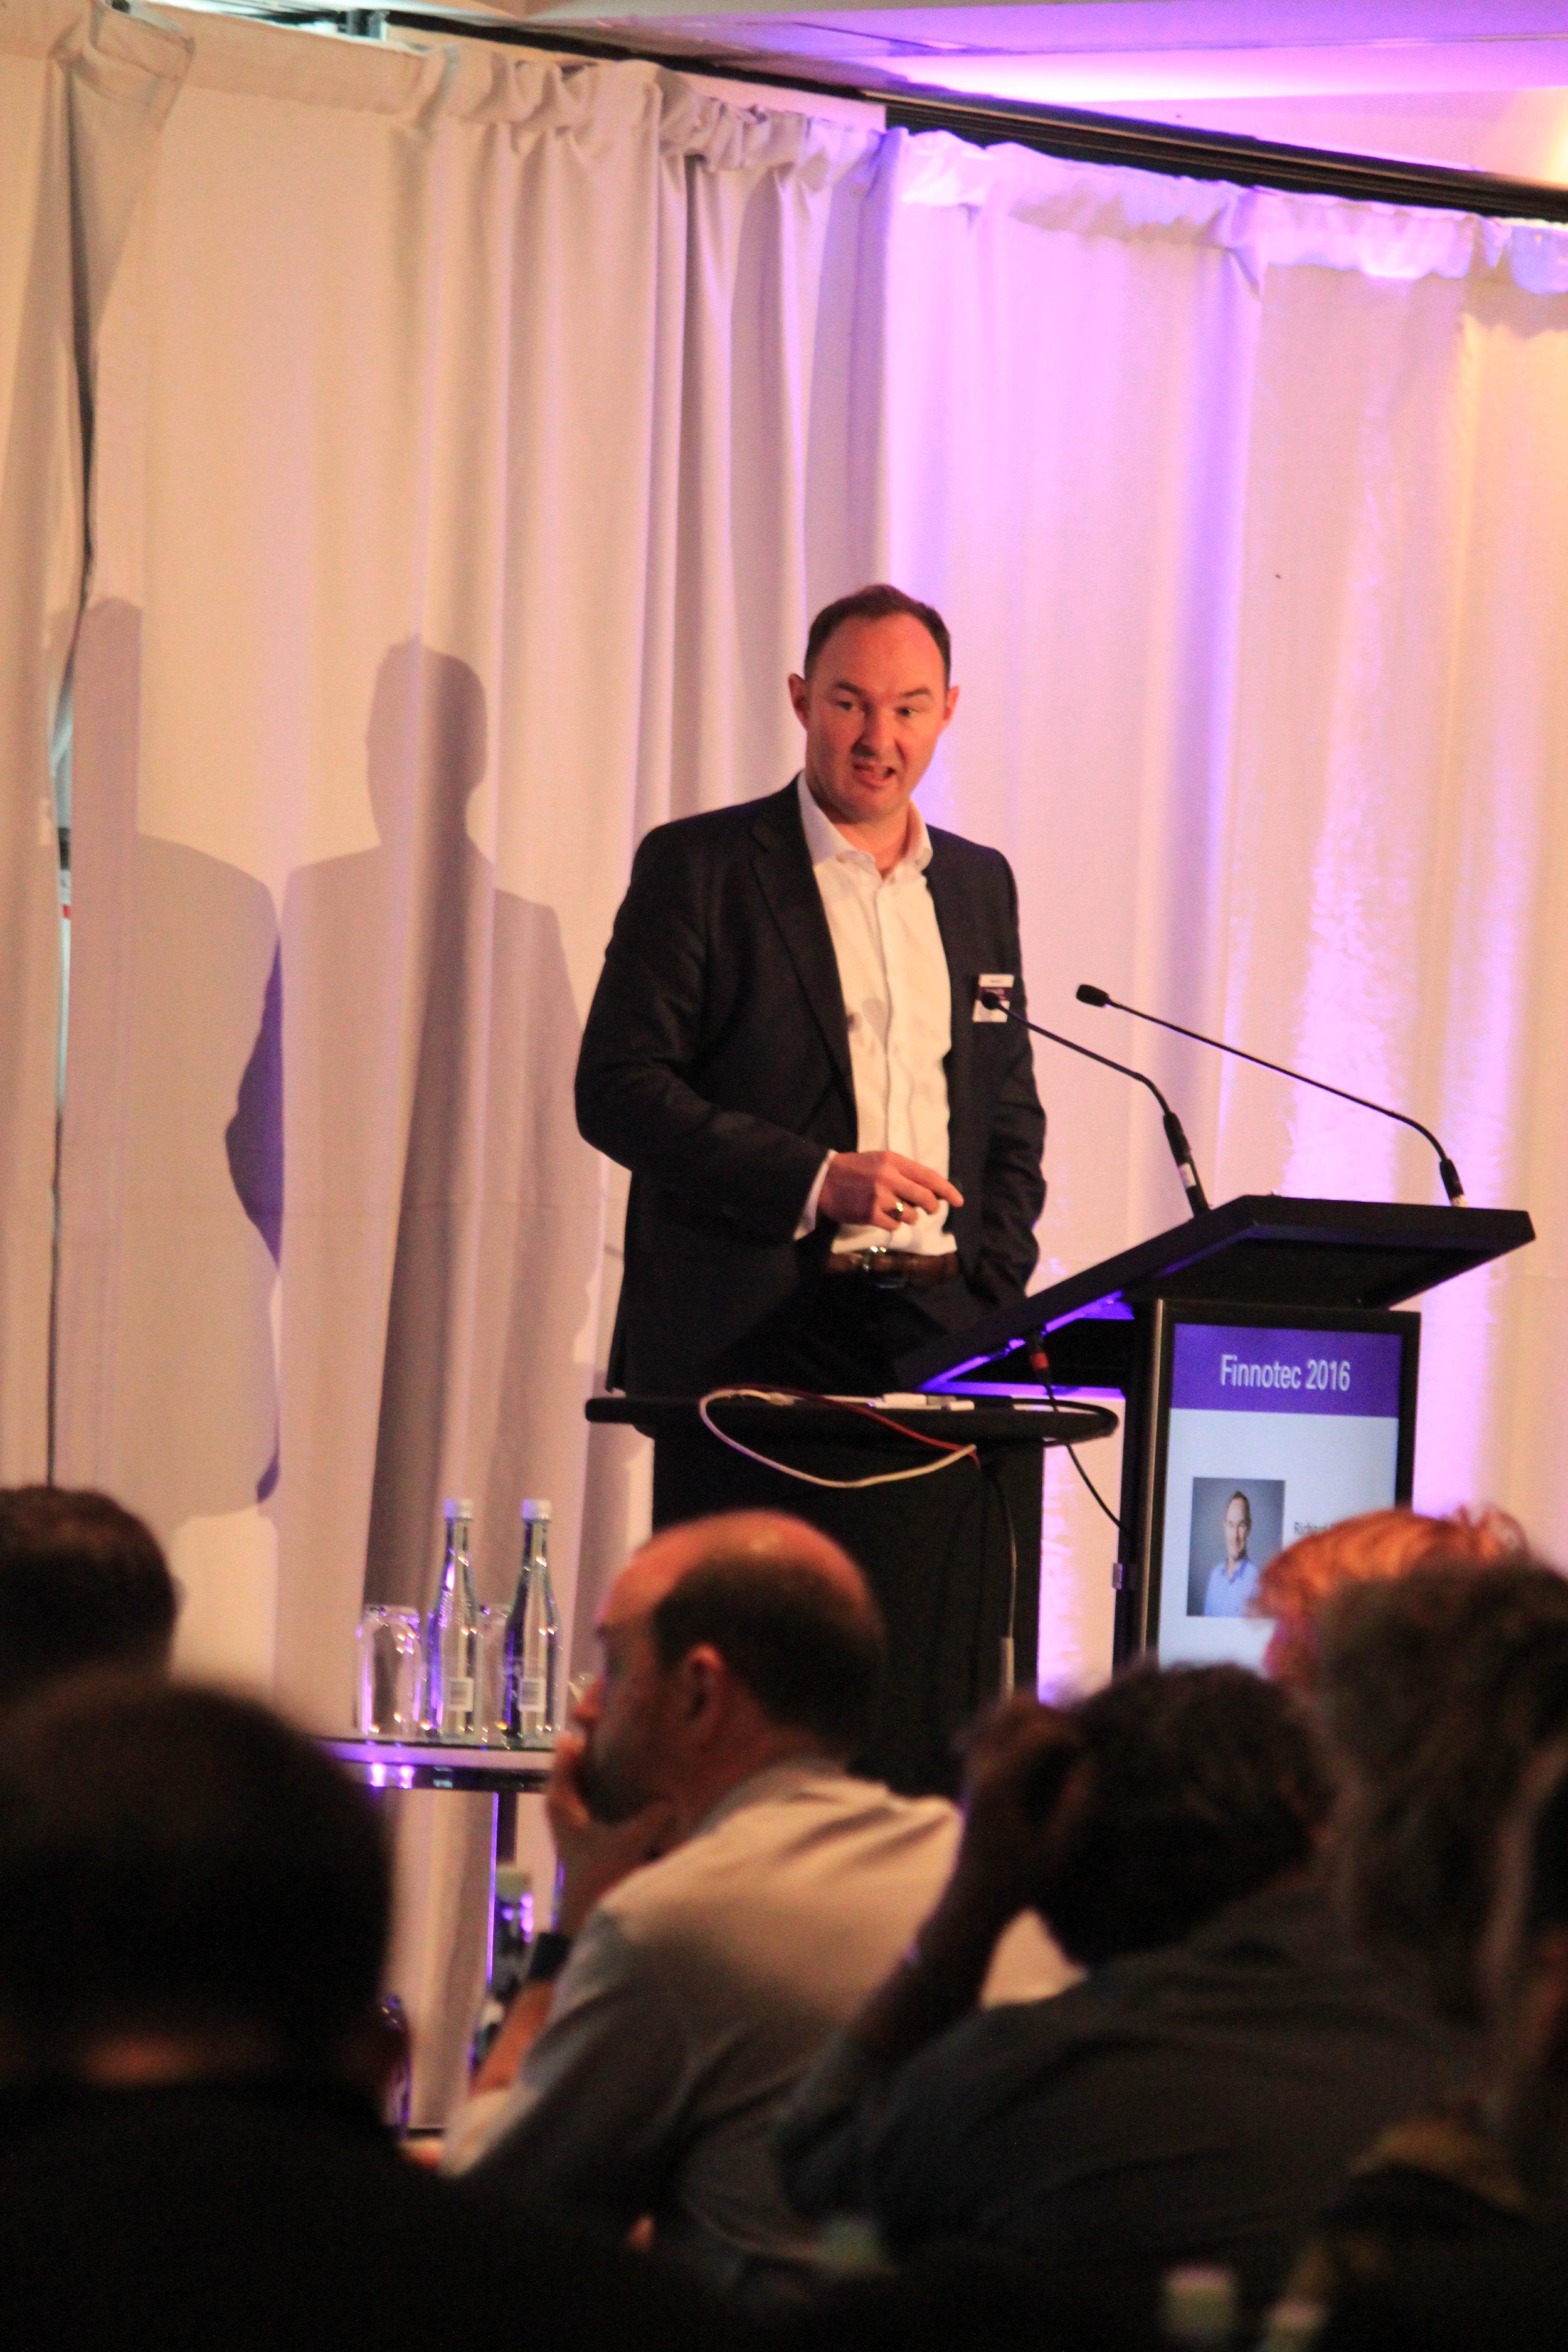 Richard Dellabarca, CEO, NZ Venture Investment Fund